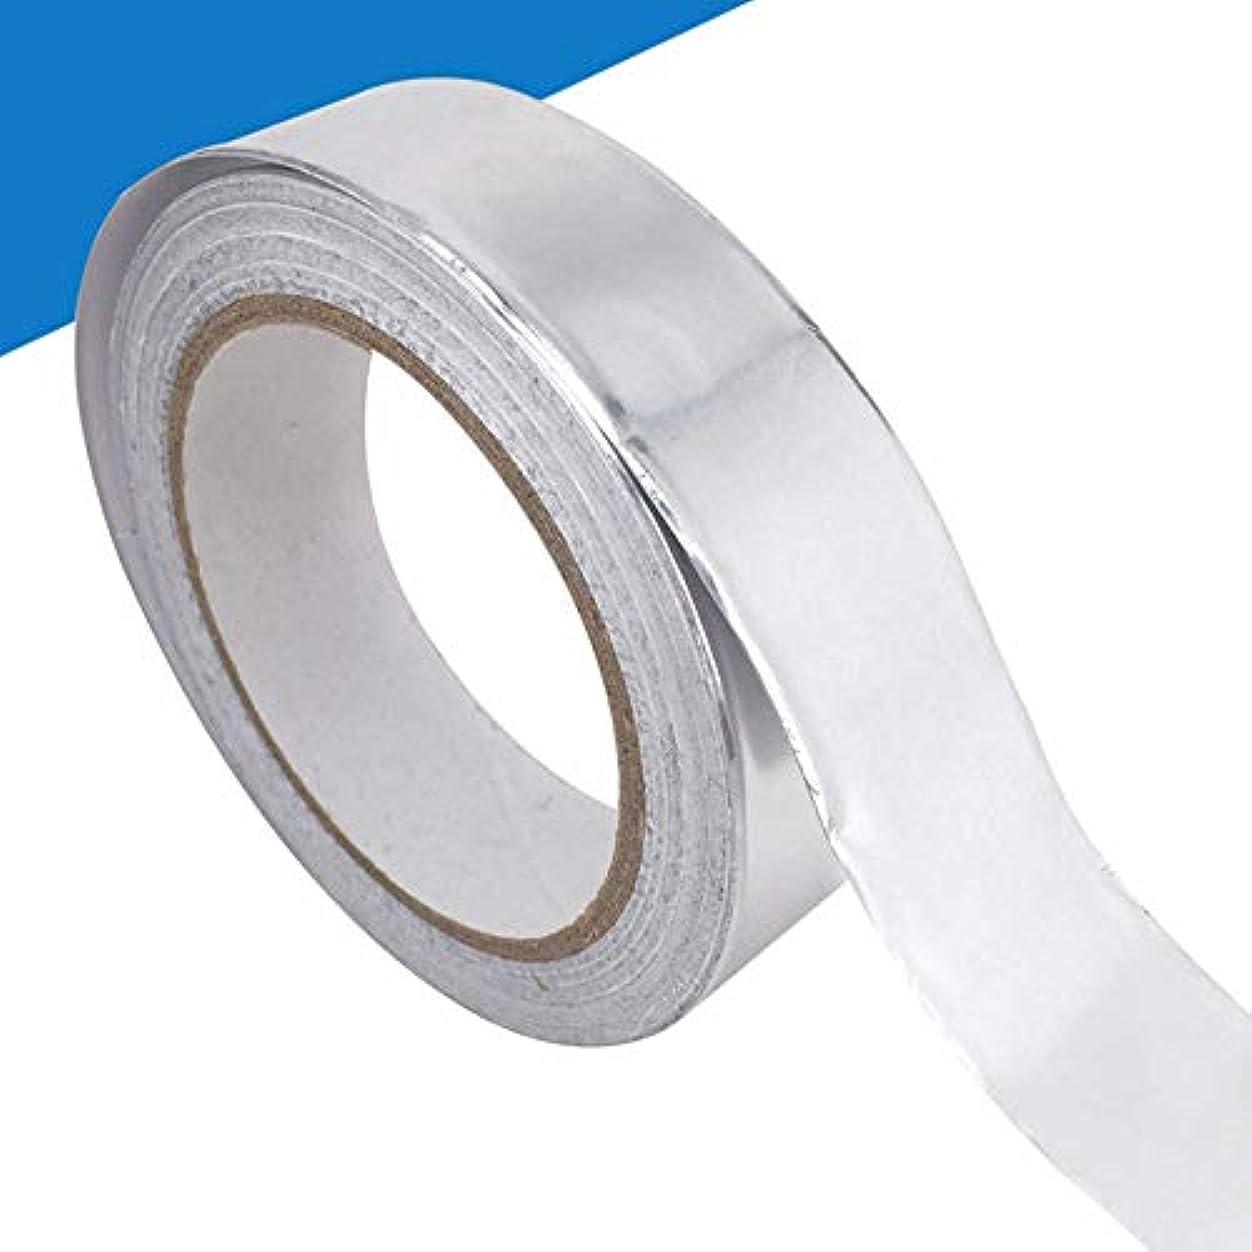 警告母性学んだSimg 導電性アルミテープ アルミ箔テープ 放射線防護 耐熱性 防水 多機能 25mm幅x20m